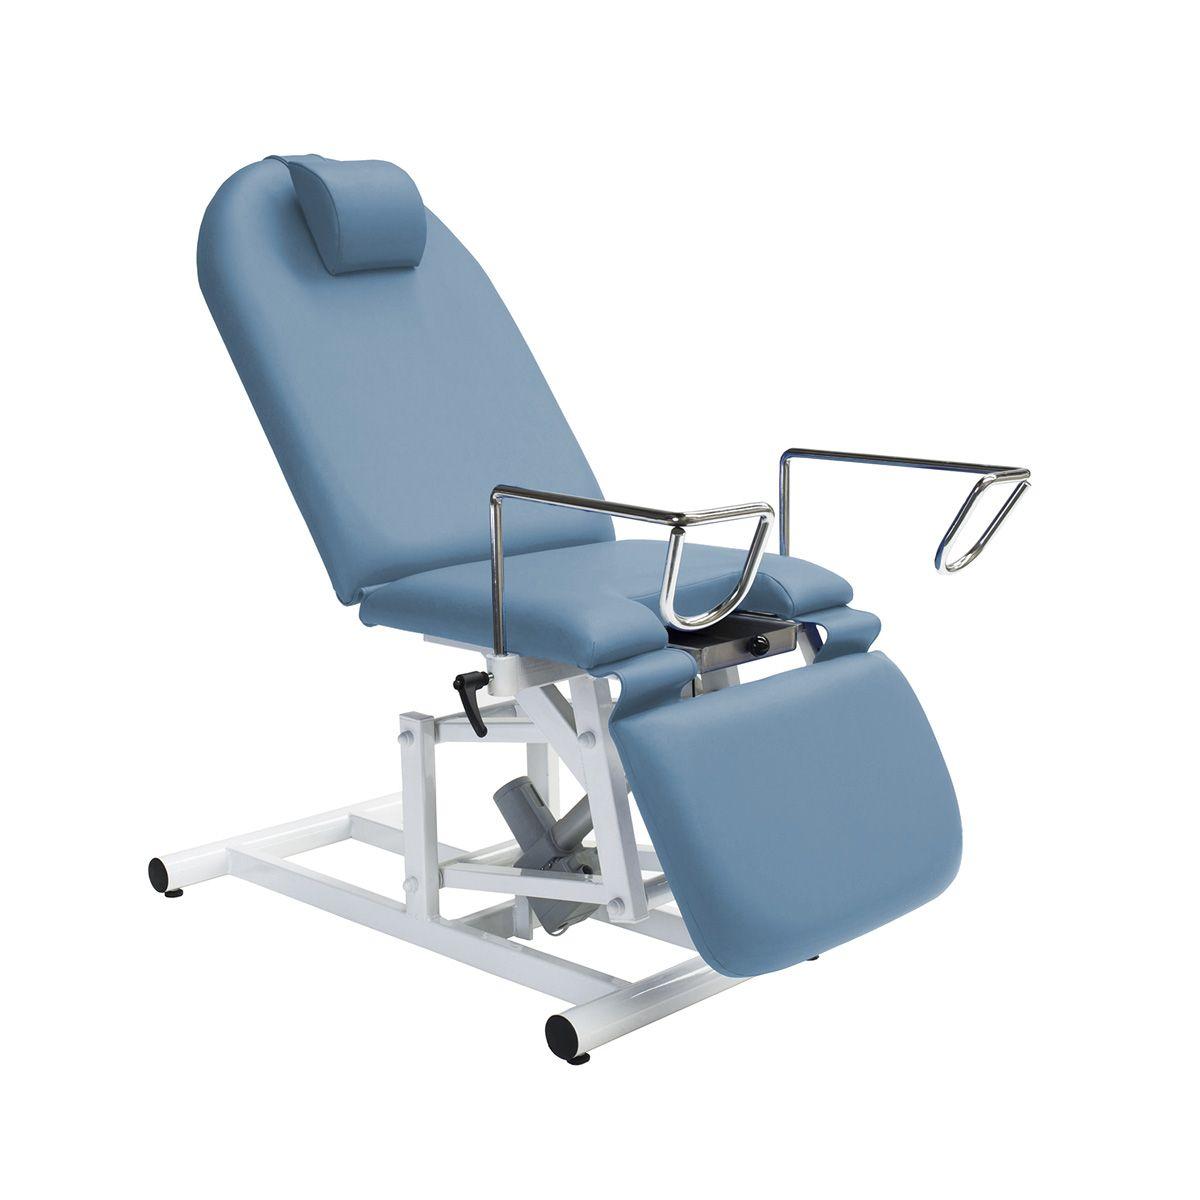 Gyn. Behandlungsstuhl - elektrisch verstellbar - preiswert